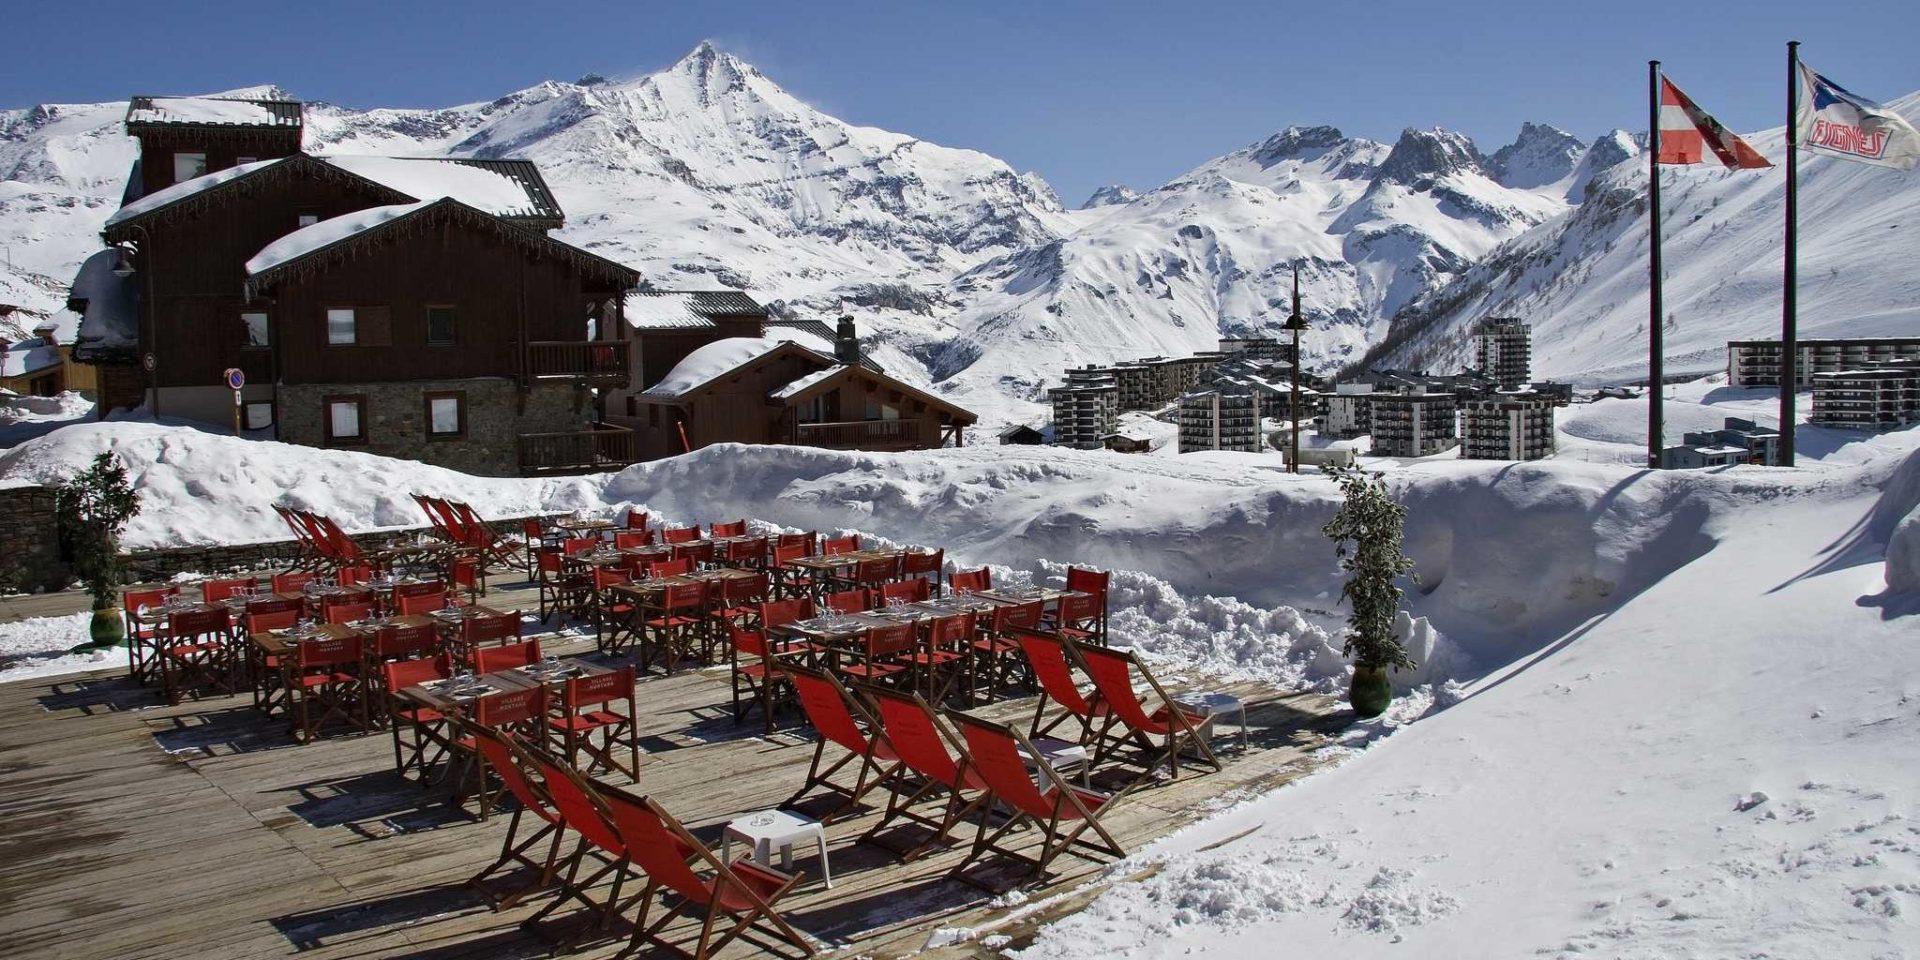 Hotel Village Montana Tignes Tignes-Val d'Isere Frankrijk wintersport skivakantie luxe restaurant La Chaumiere terras rode ligstoelen tafels rode stoelen plant vlaggen dorp Tignes besneeuwde bergen sneeuw